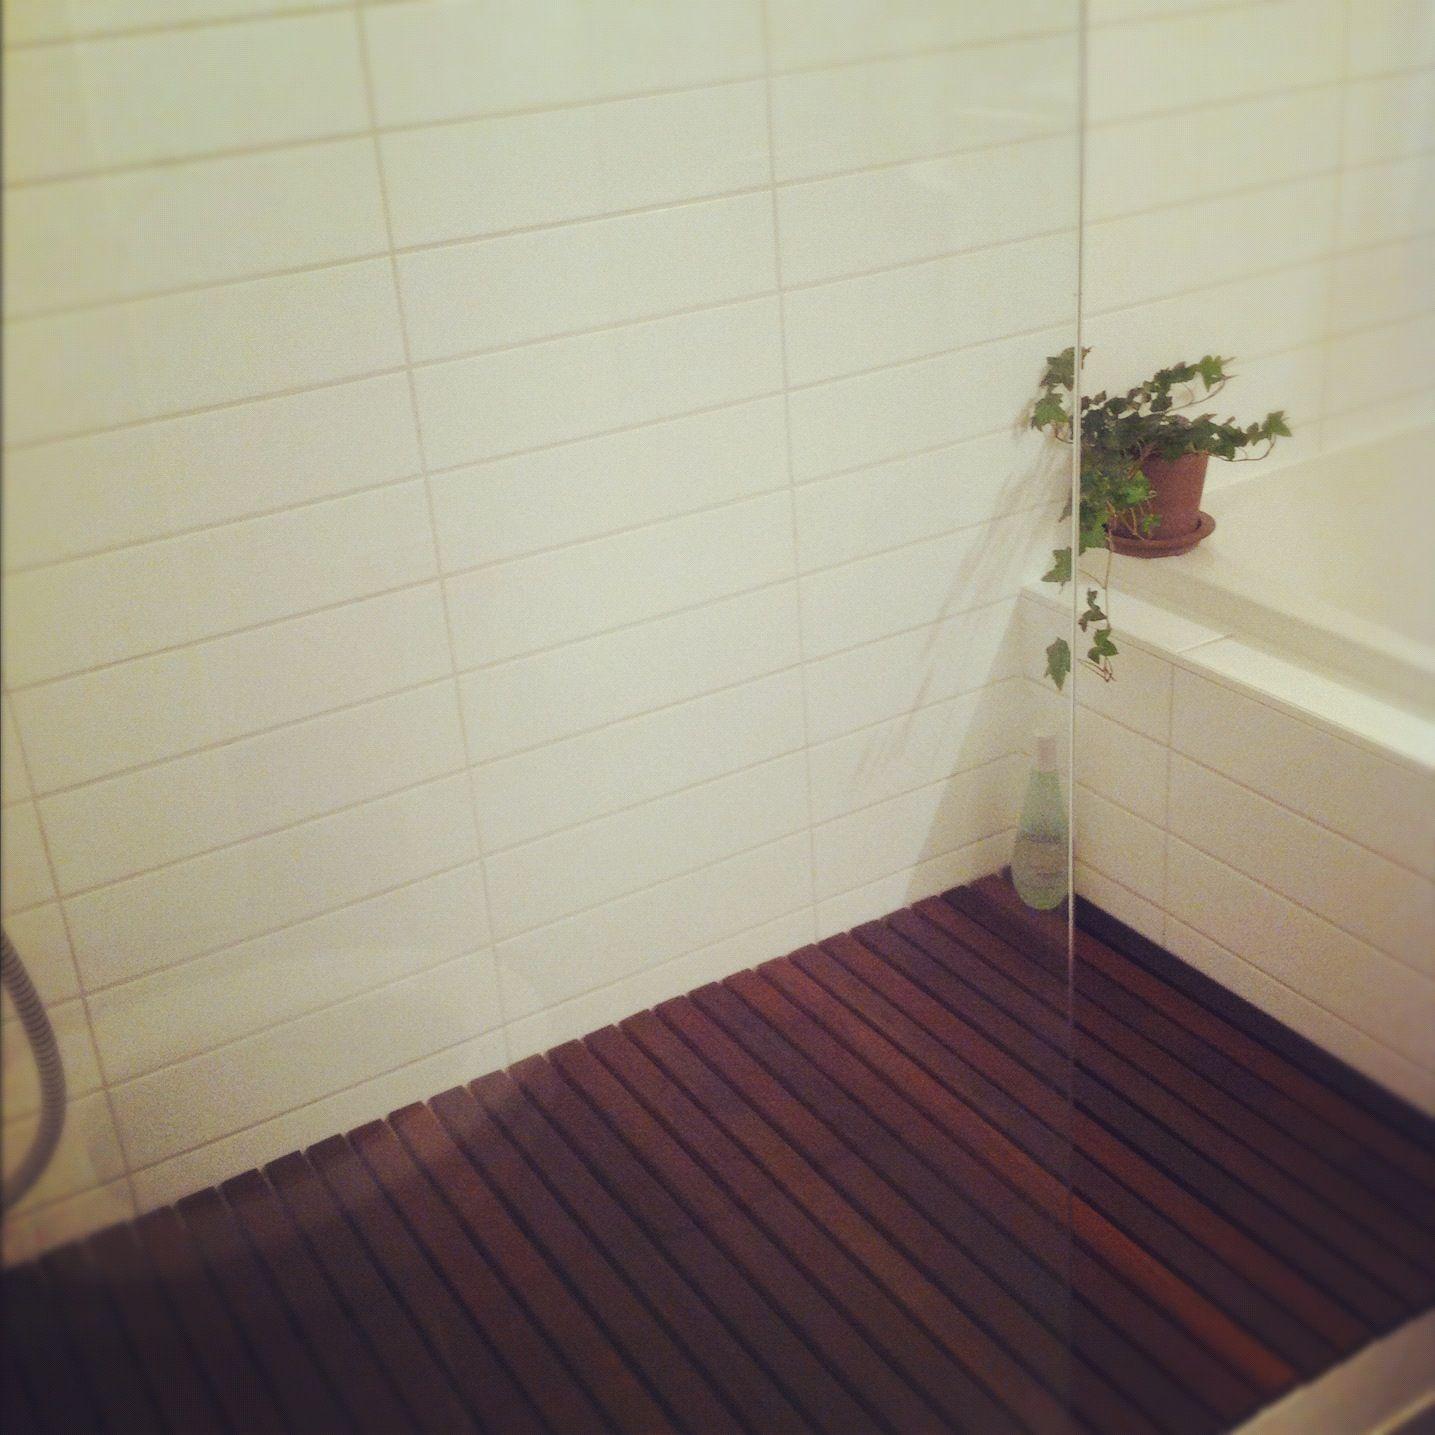 Diy ipe shower floor decor bathroom pinterest bath ipe wood diy ipe shower floor dailygadgetfo Image collections